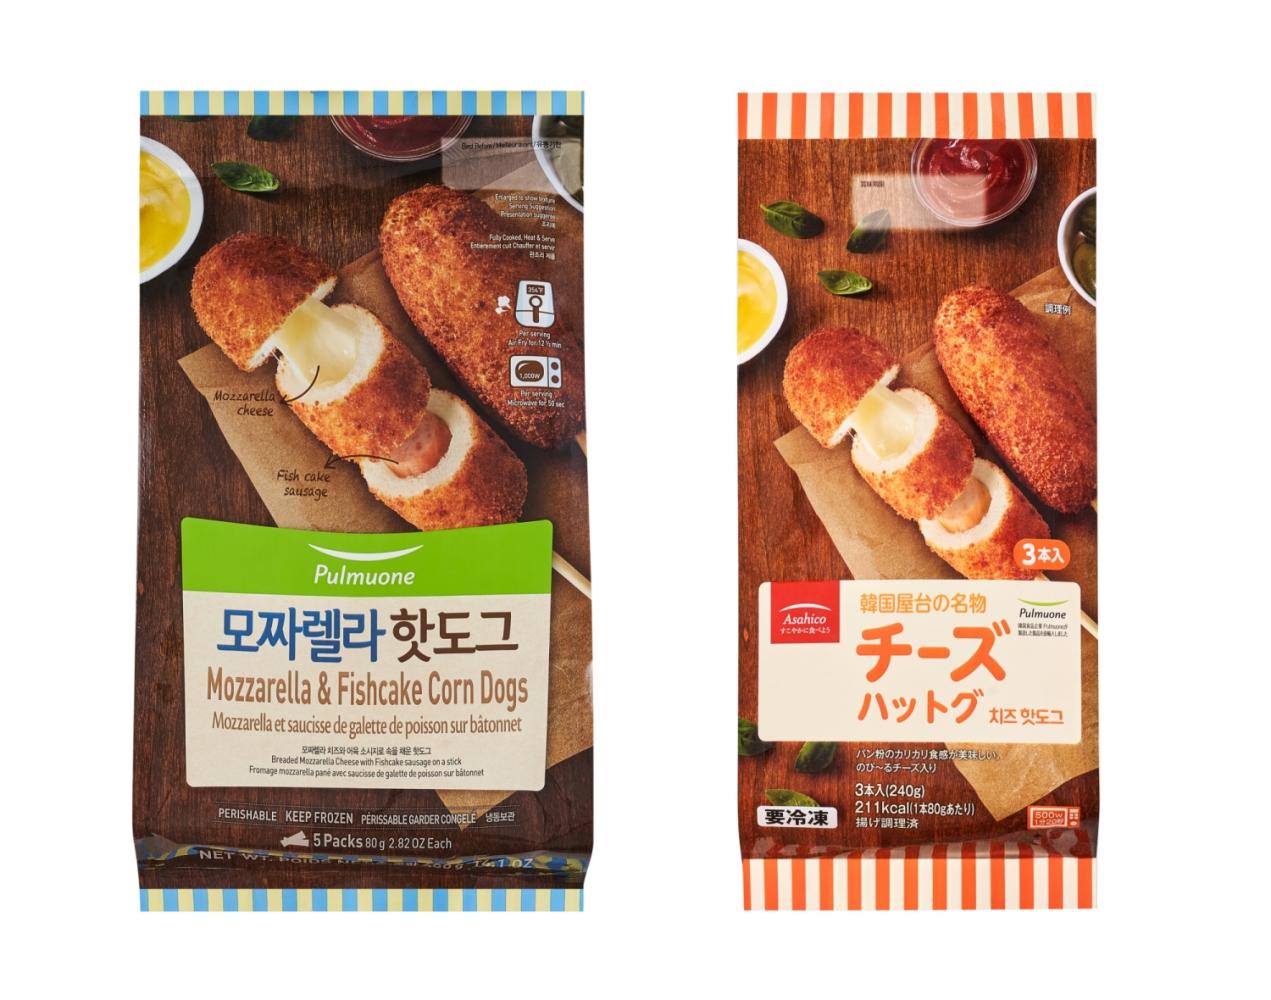 풀무원 치즈 핫도그는 지금~ 글로벌 시장에서 'K-핫도그'로 인기 몰이 중!